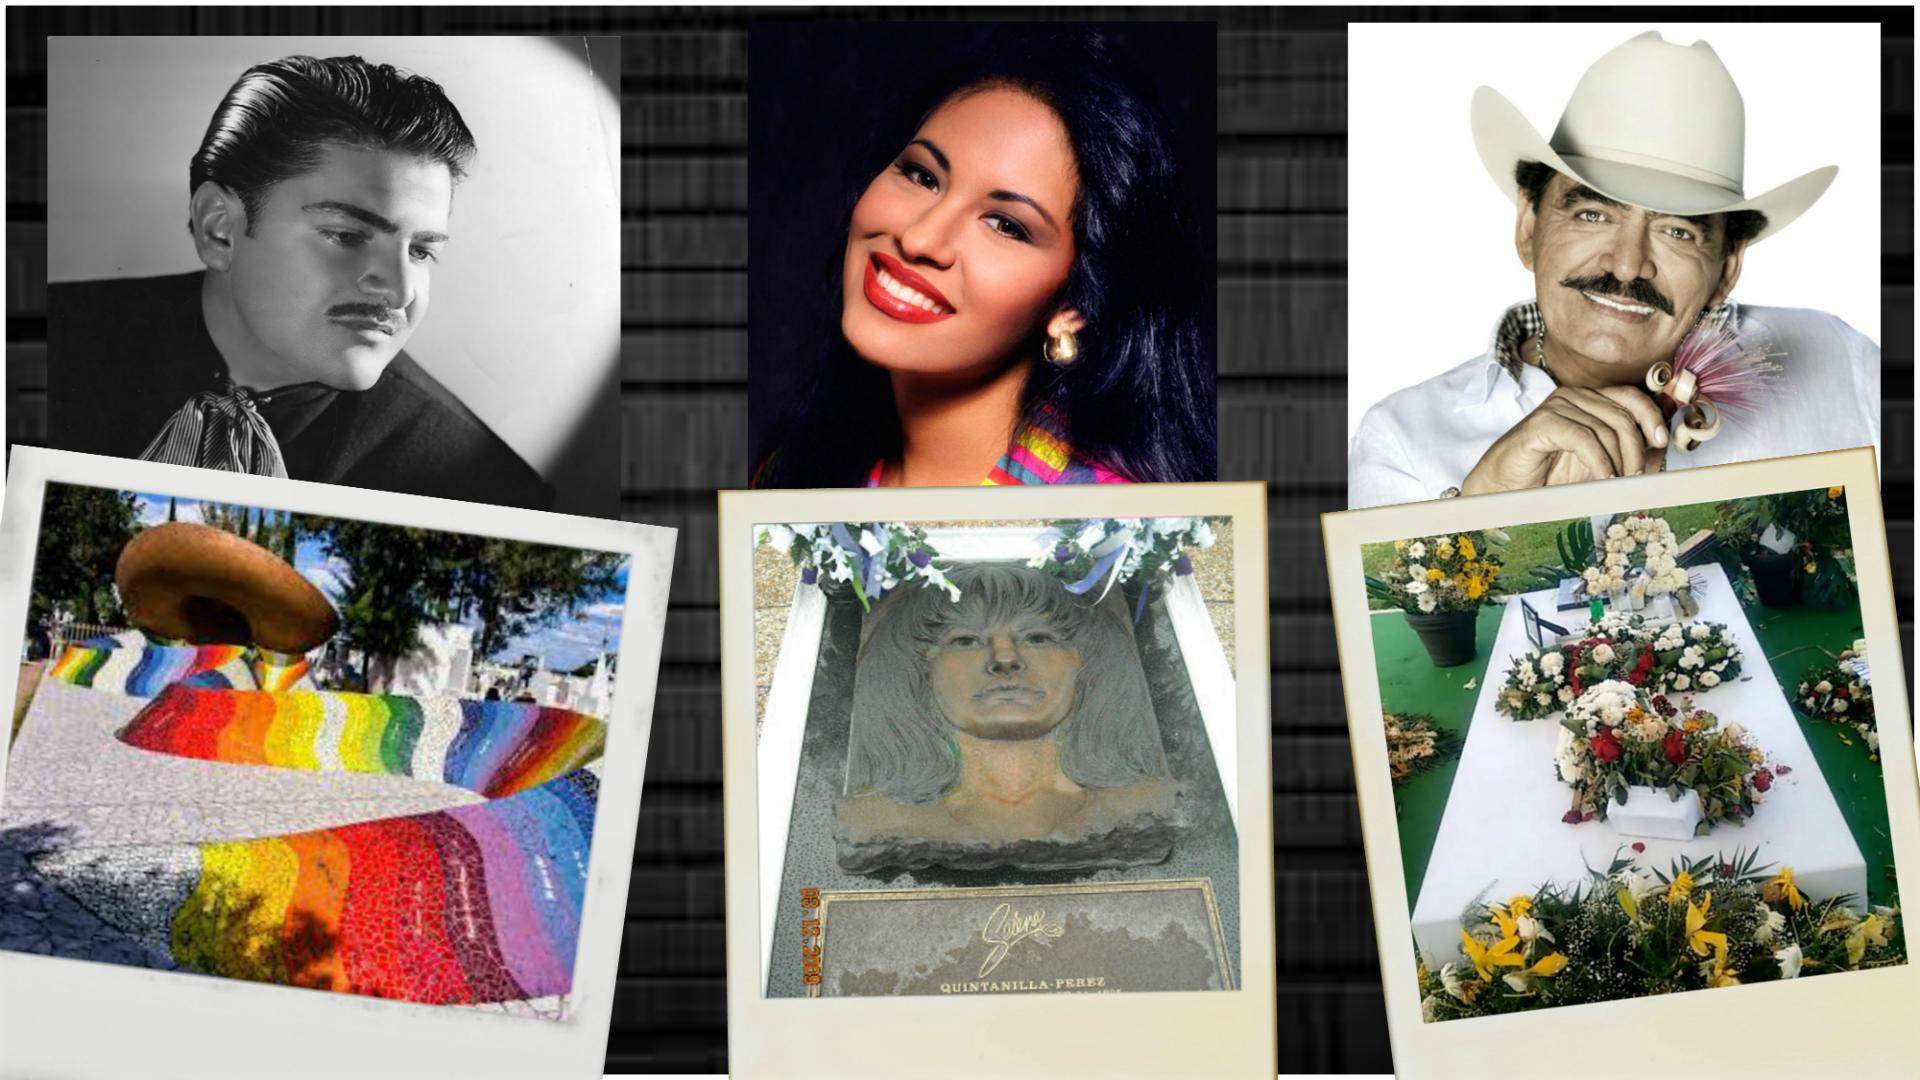 Las tumbas de estos cantantes de regional mexicano: una atracción para turistas y fanáticos